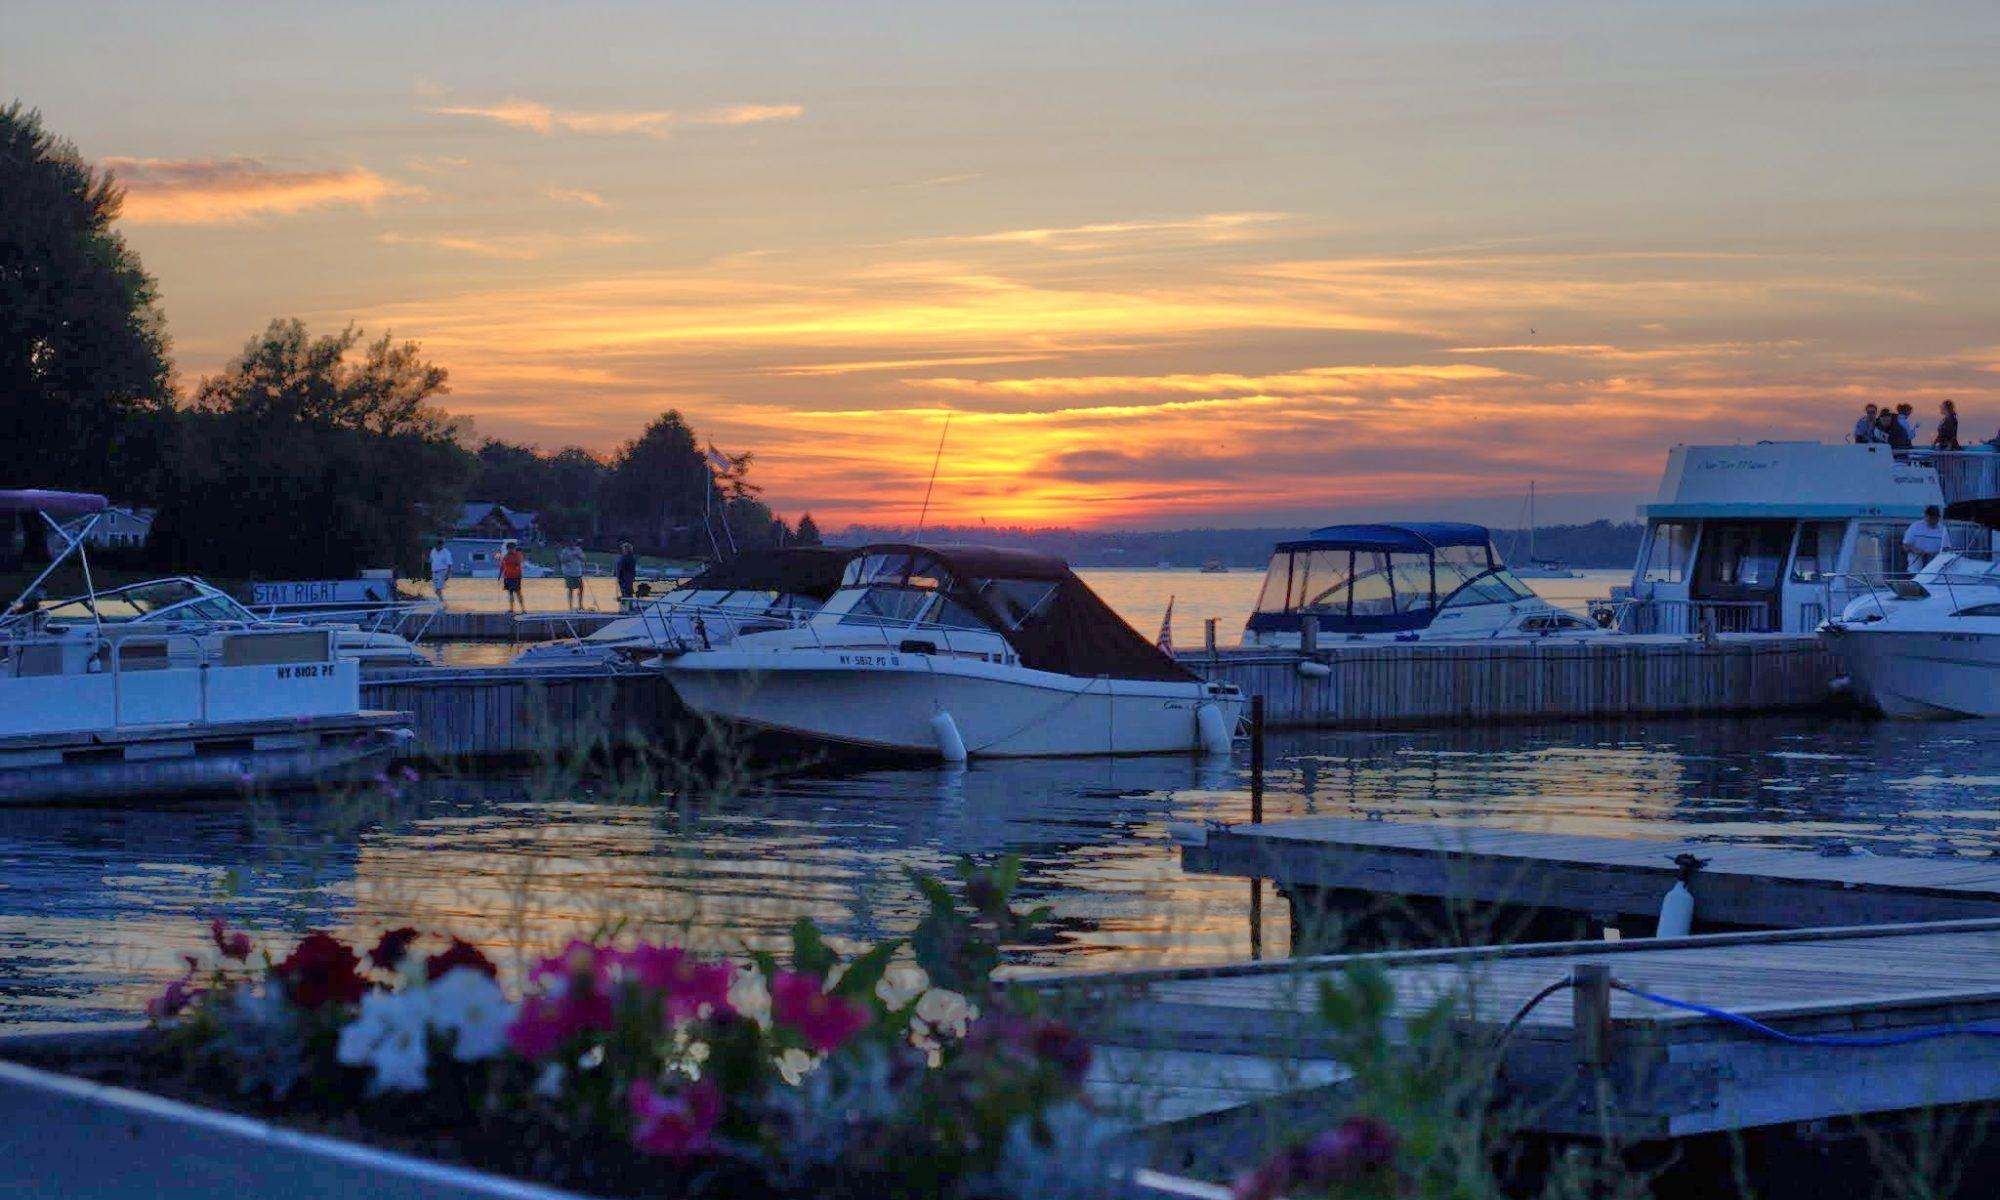 Bayside Marina in Clayton NY in 1000 Islands